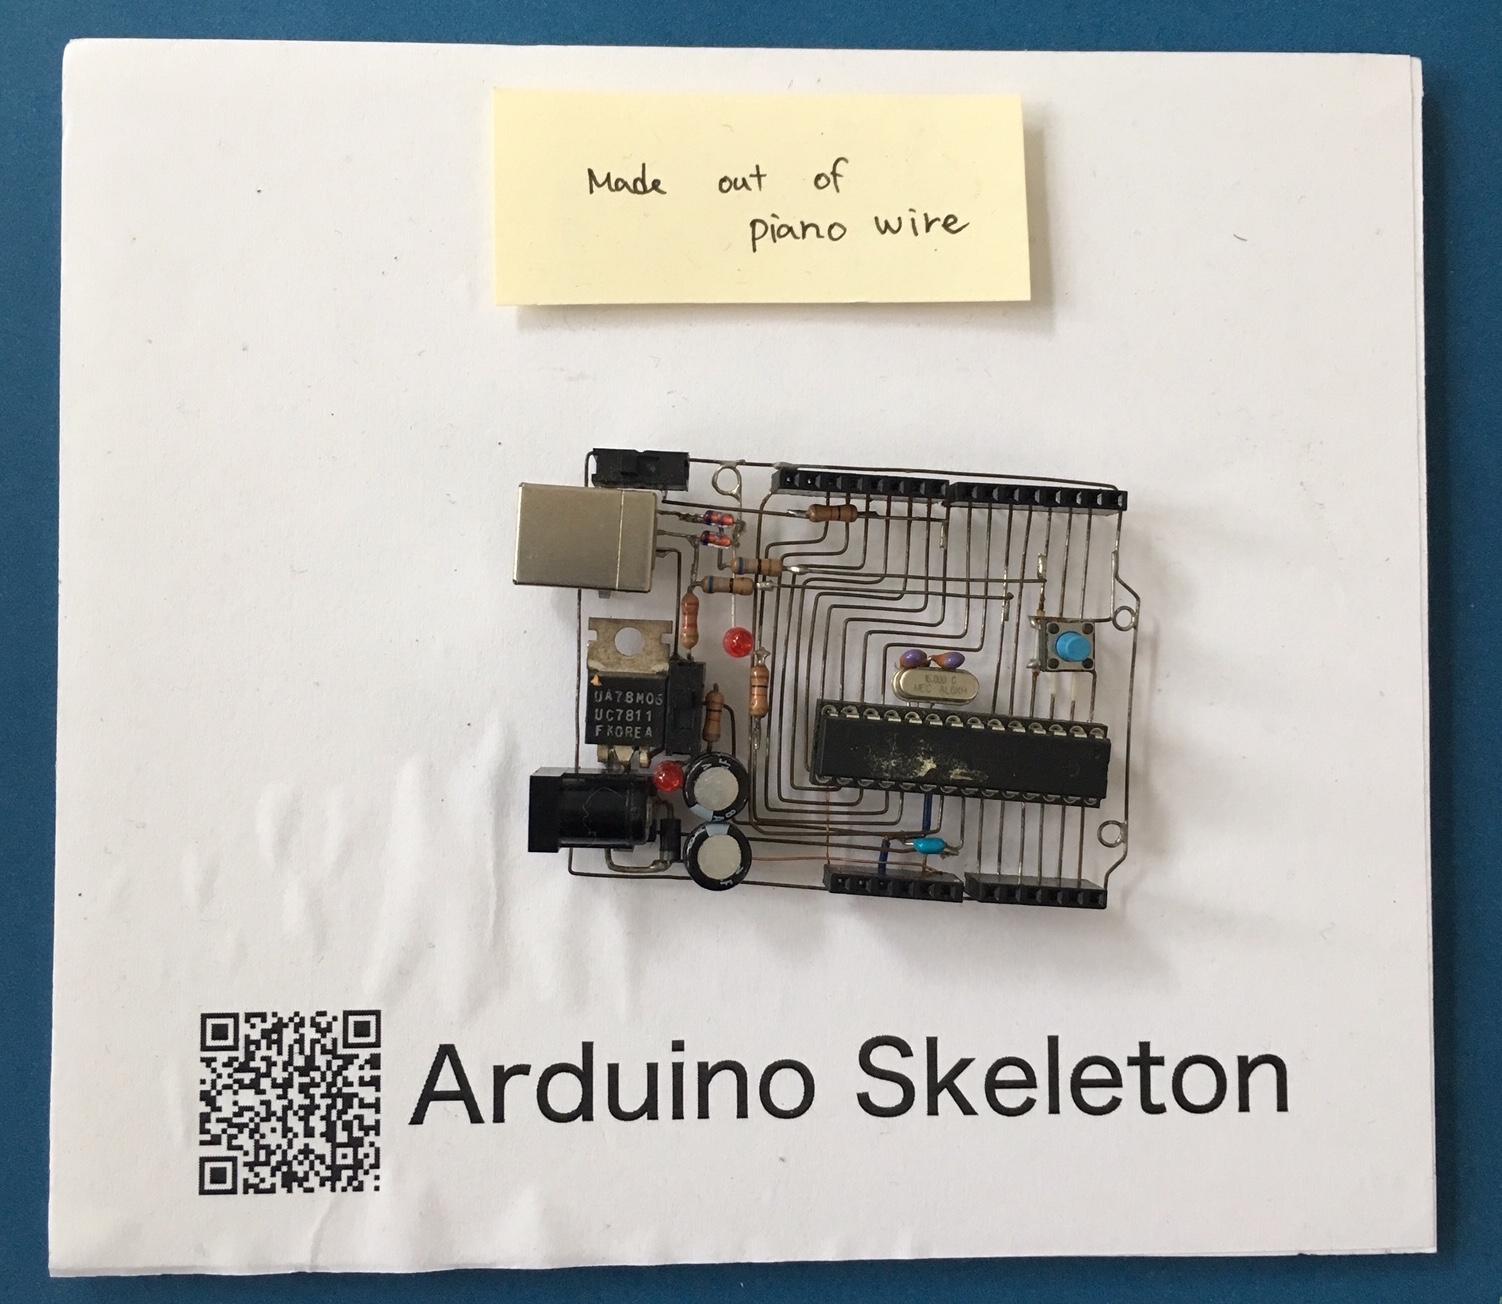 skeletonduino